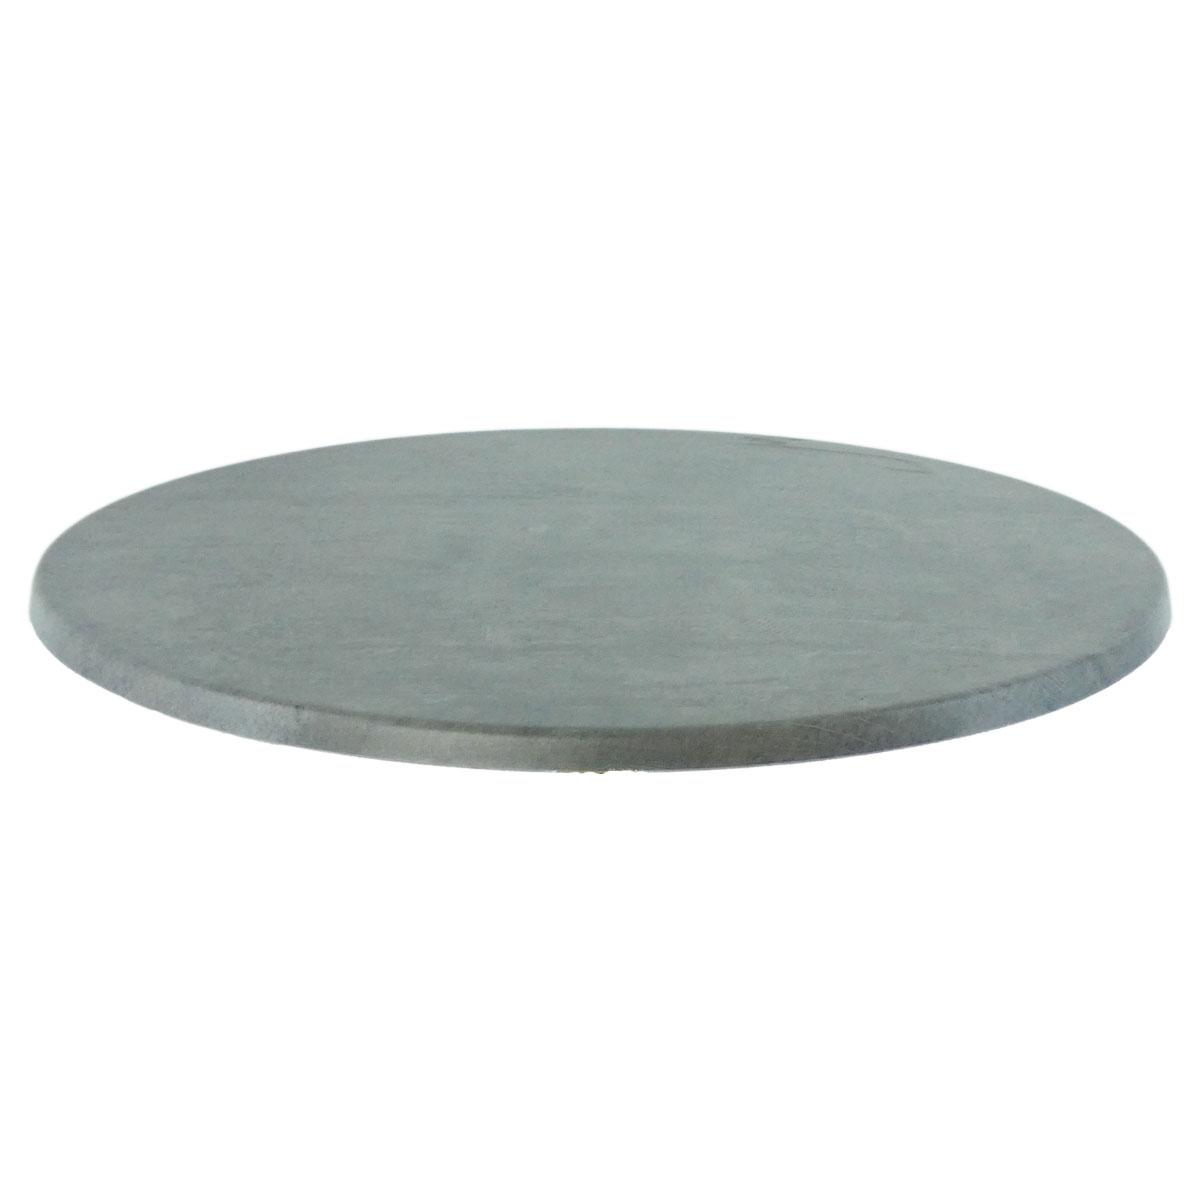 TICLA R70 029 - https://www.werzalit.com/en/product/table-top-classic-werzalit-r-oe90-029-city/